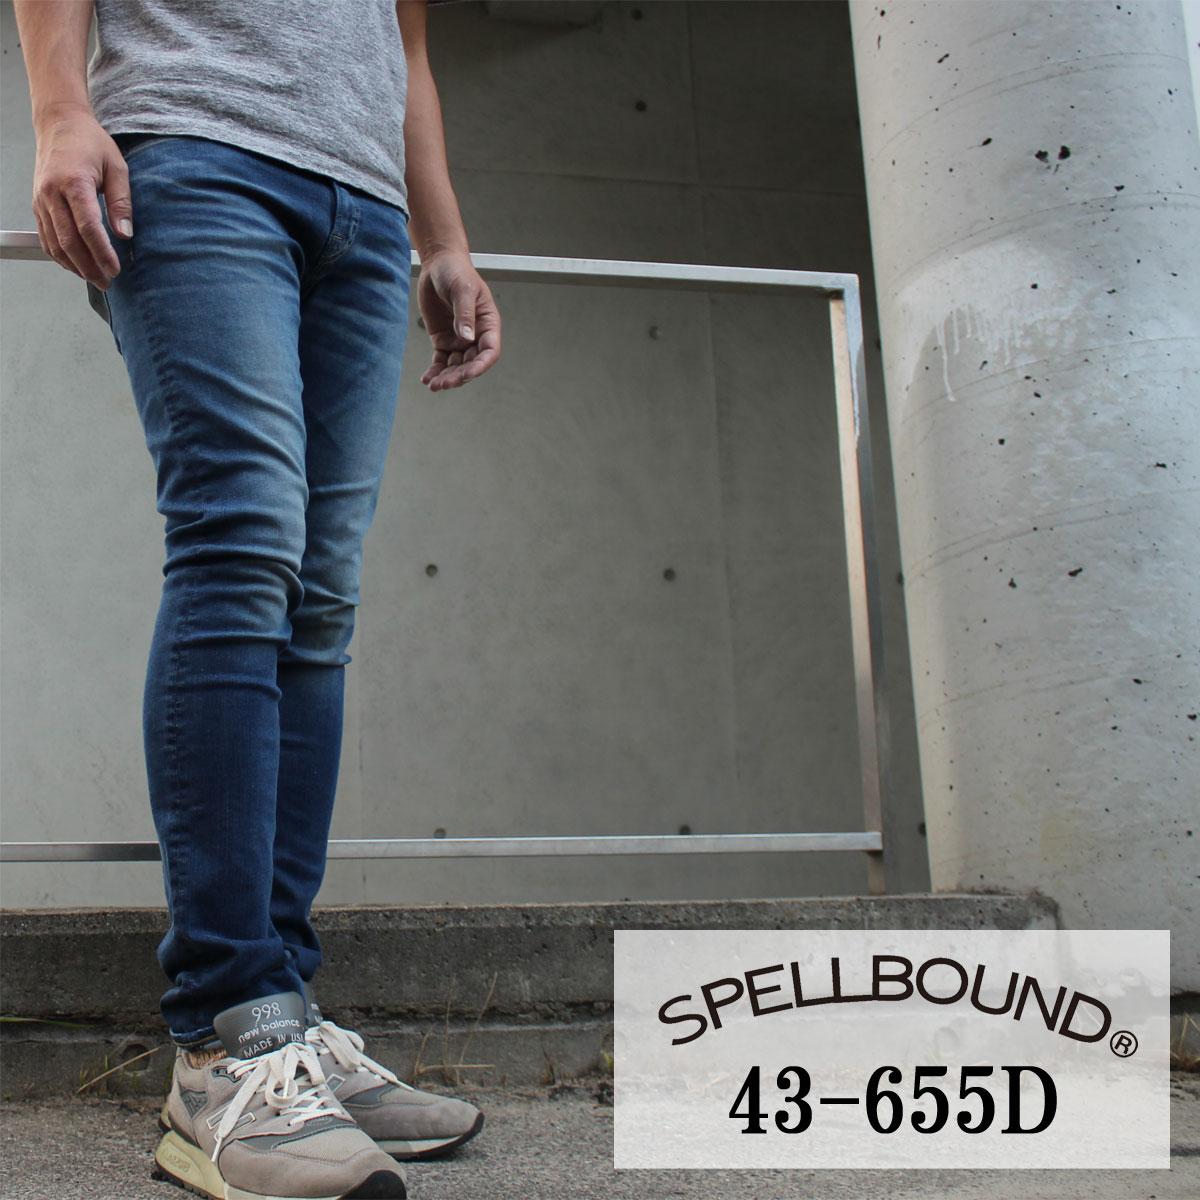 SPELLBOUND:ISKO REFORM XP ストレッチデニム・5Pスキニーフィットジーンズ(ユーズド):43-655D スペルバウンド ジーンズ メンズ デニム ジーパン